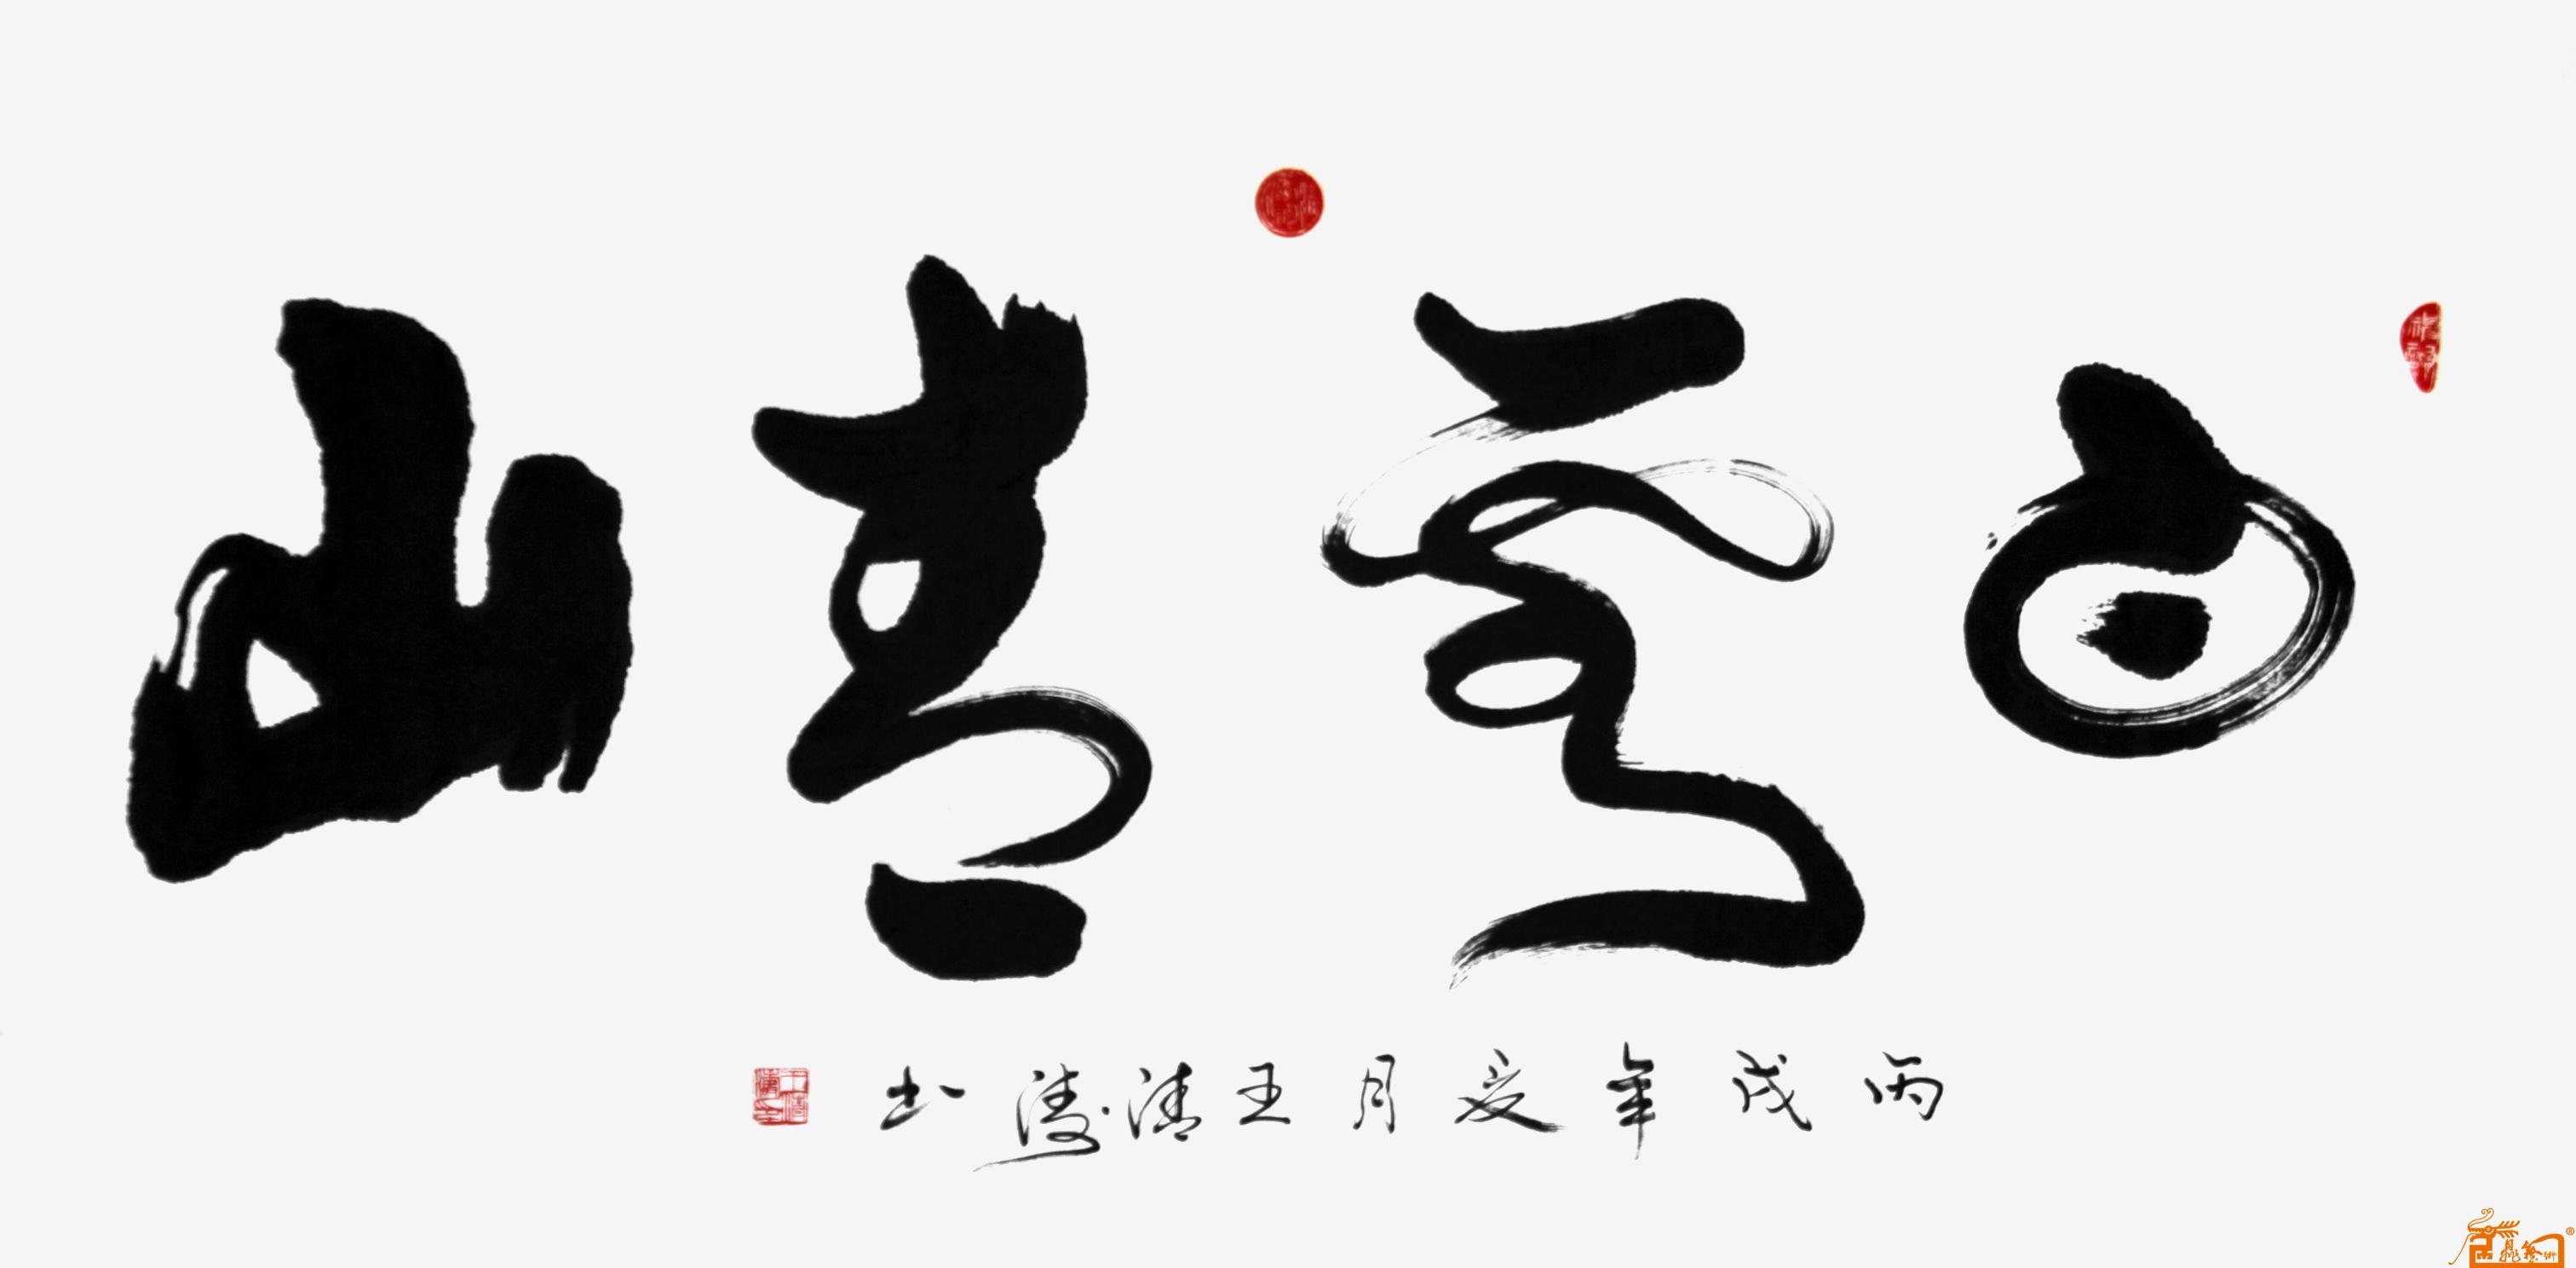 00元/平方尺 作品类别: 书法 中心荐价: 潜力升值 作品编号: jdys2012